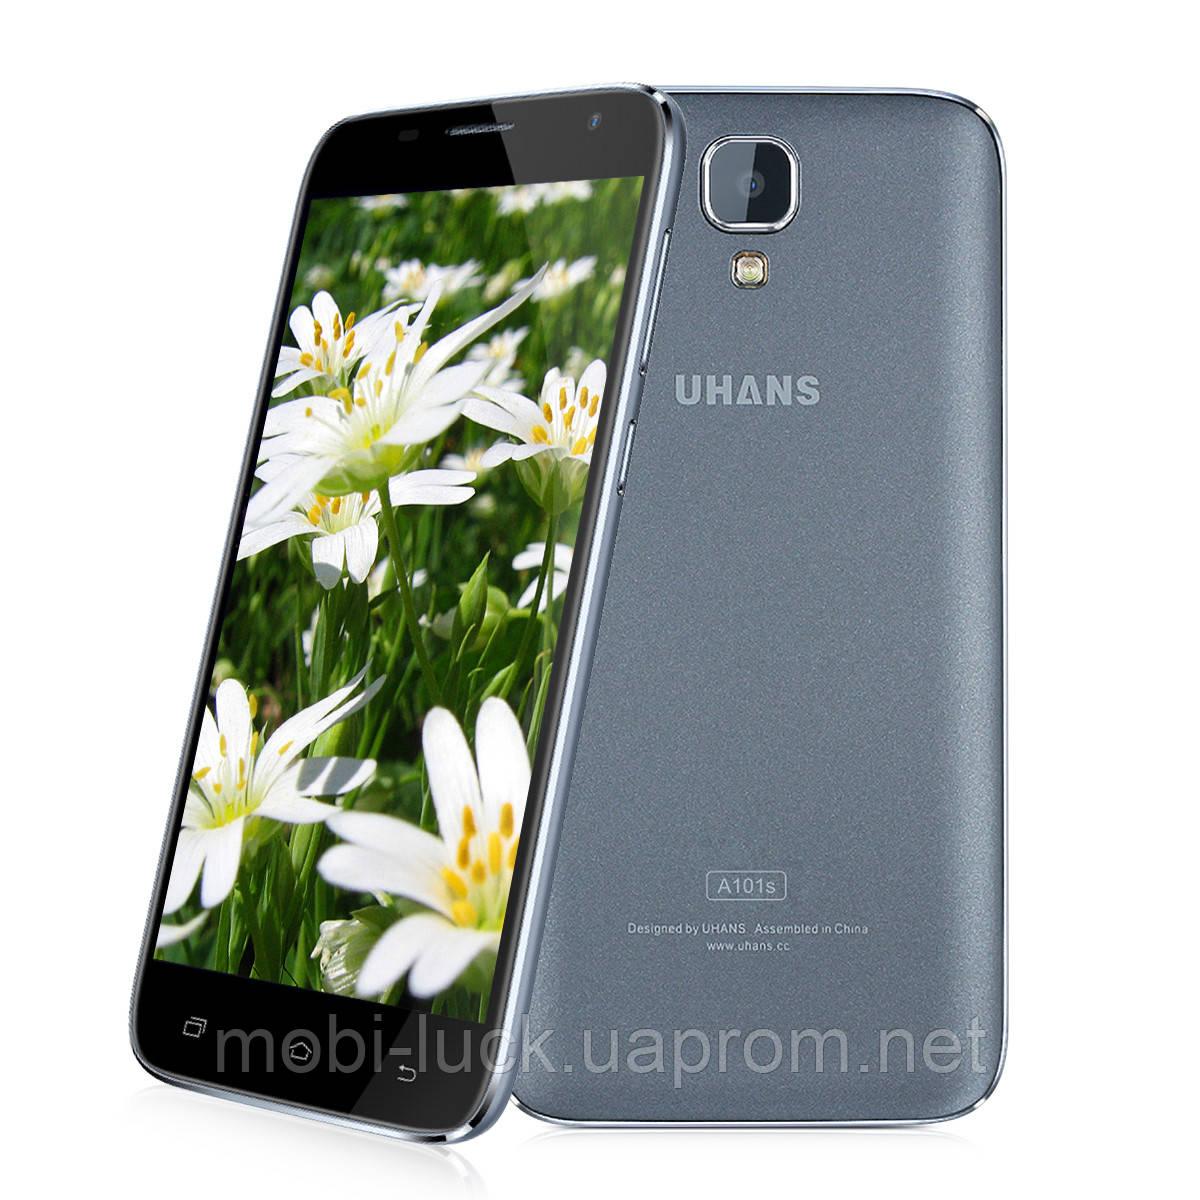 Смартфон Uhans A101S  2 сим,5 дюймов,4 ядра,16 Гб,13 Мп, 3G.